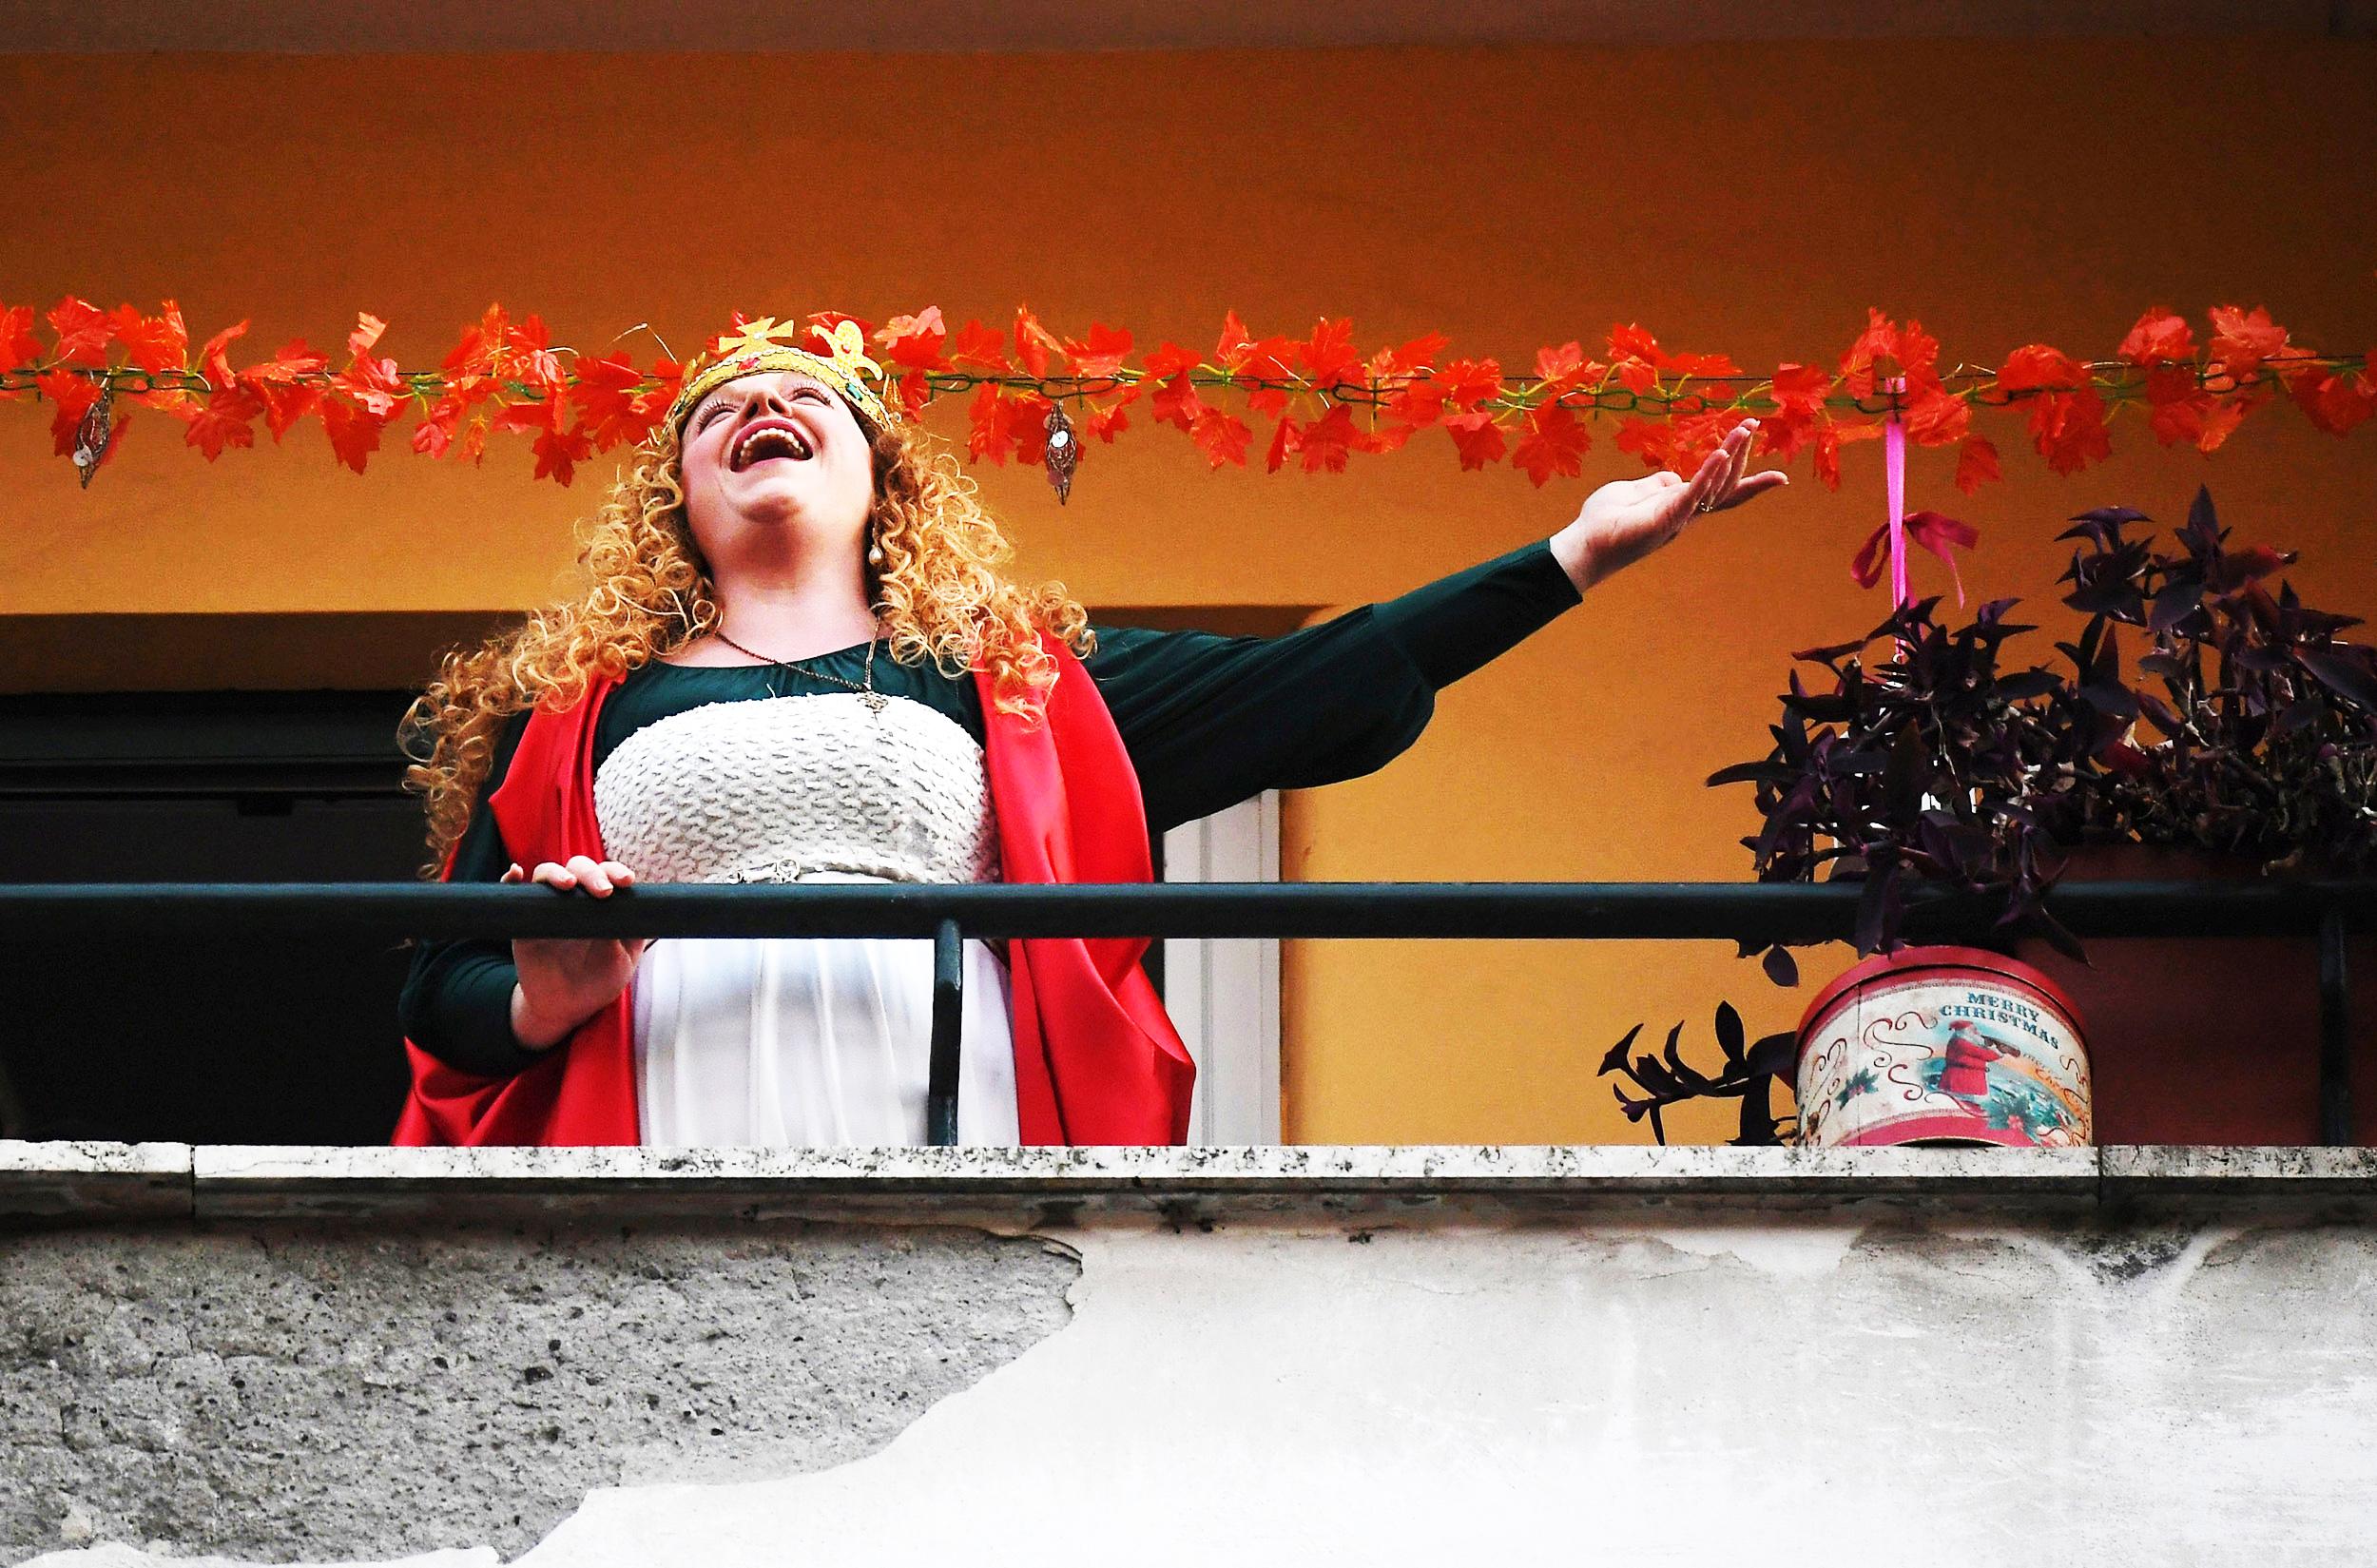 người phụ nữ Ý hát trên ban công khi bị cách ly